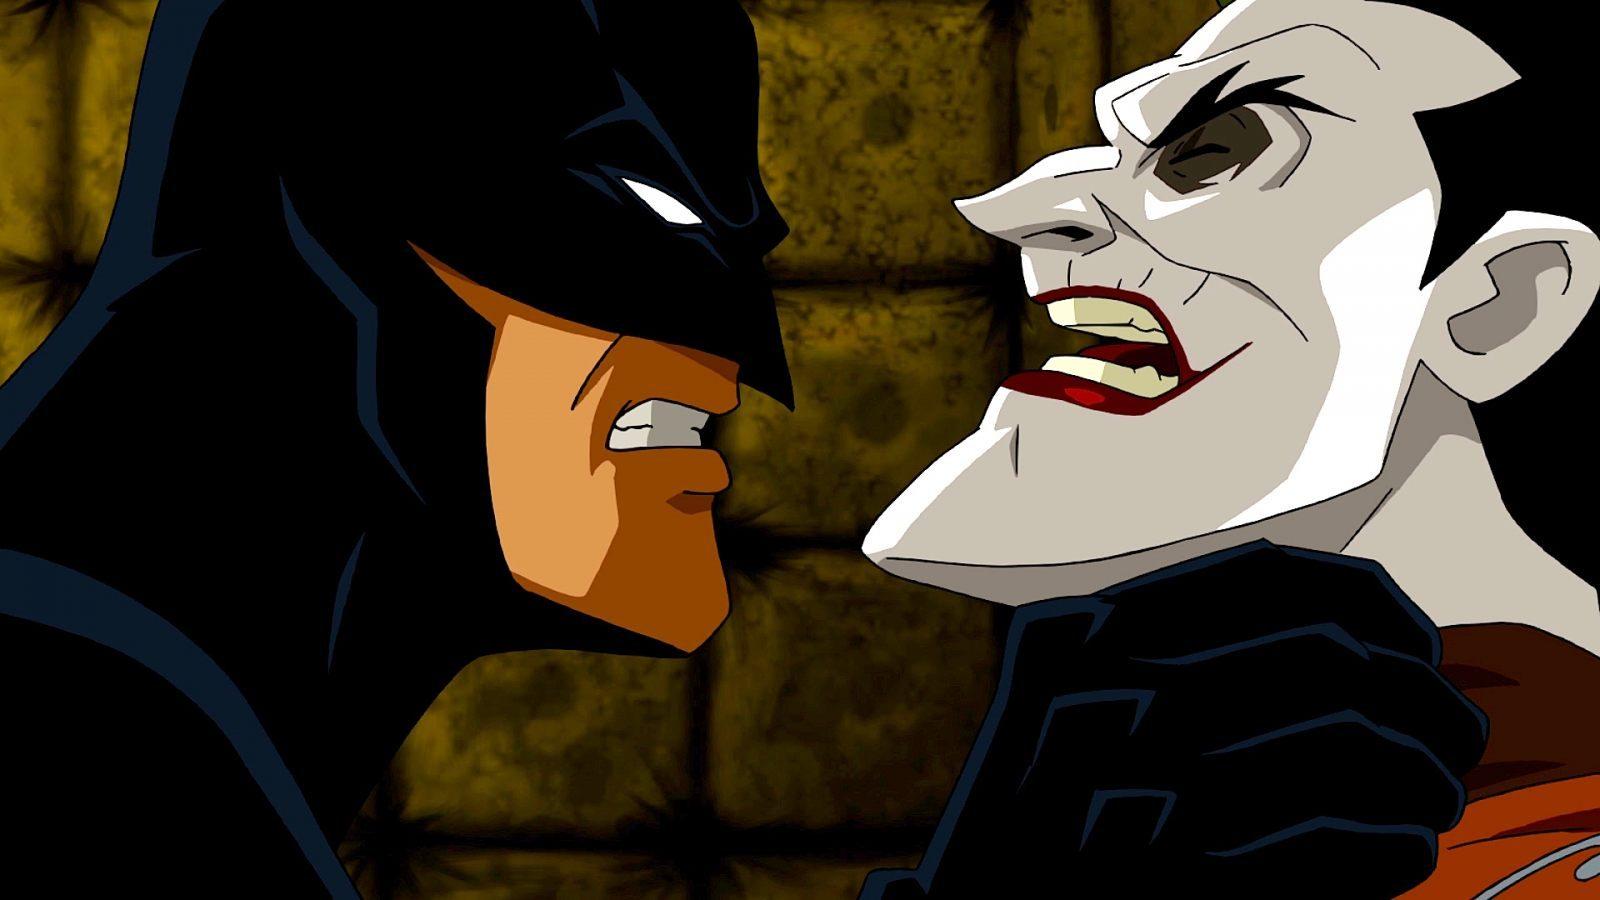 Batman Y Joker Imágenes Y Fotos